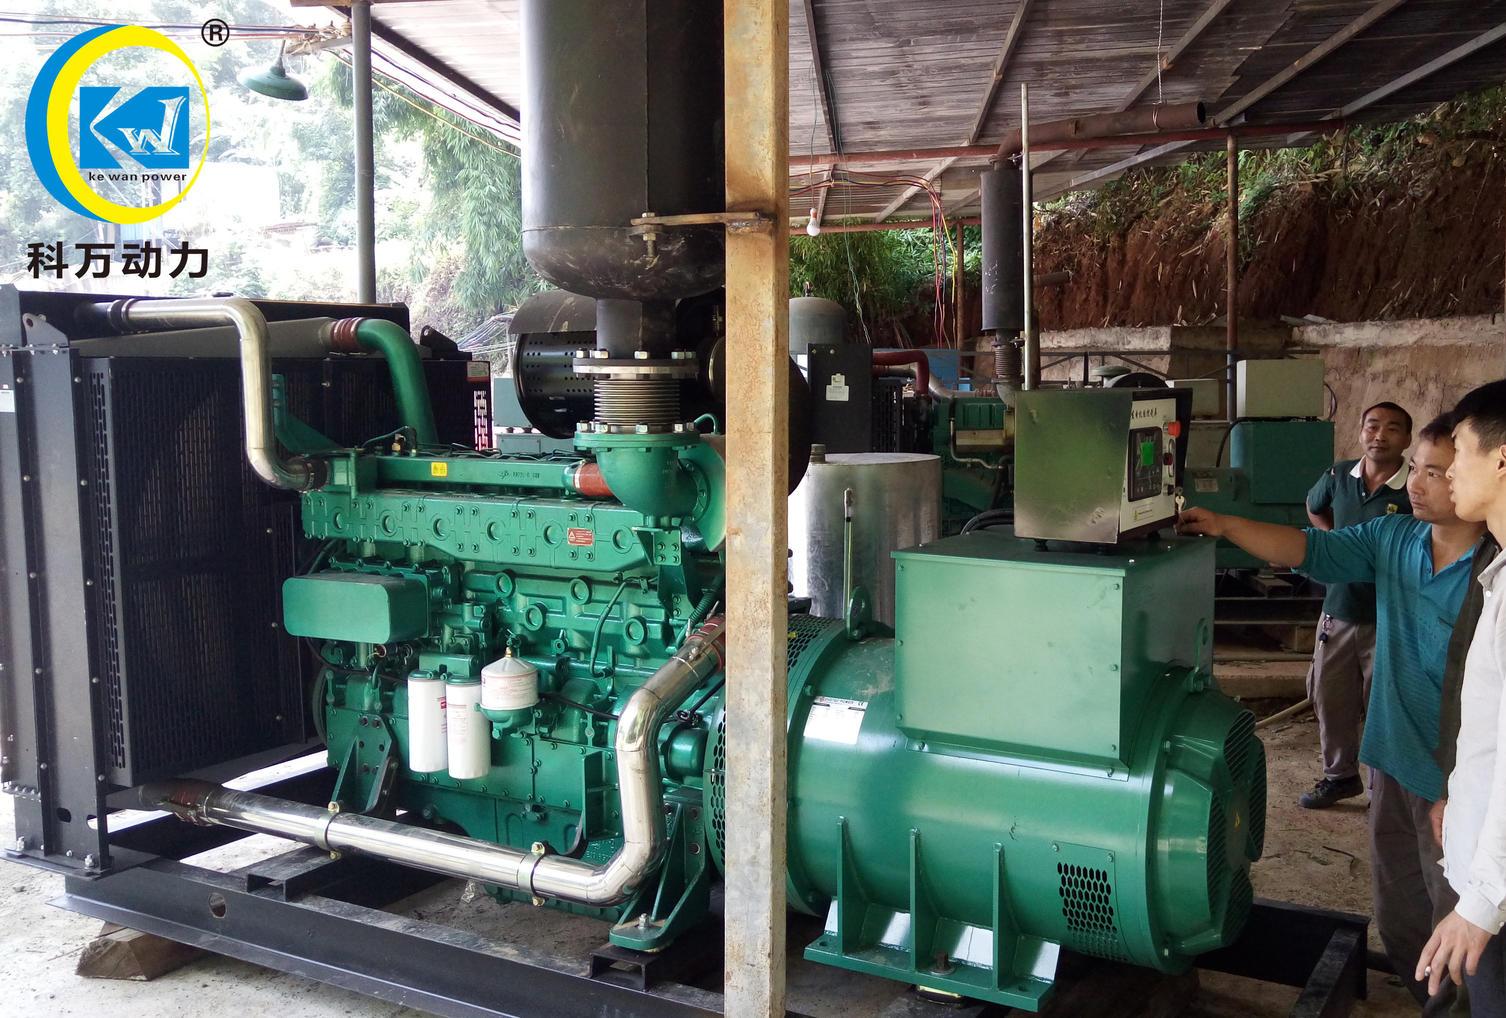 石屏县某铅矿公司采用工矿企业备用玉柴600kw发电机组